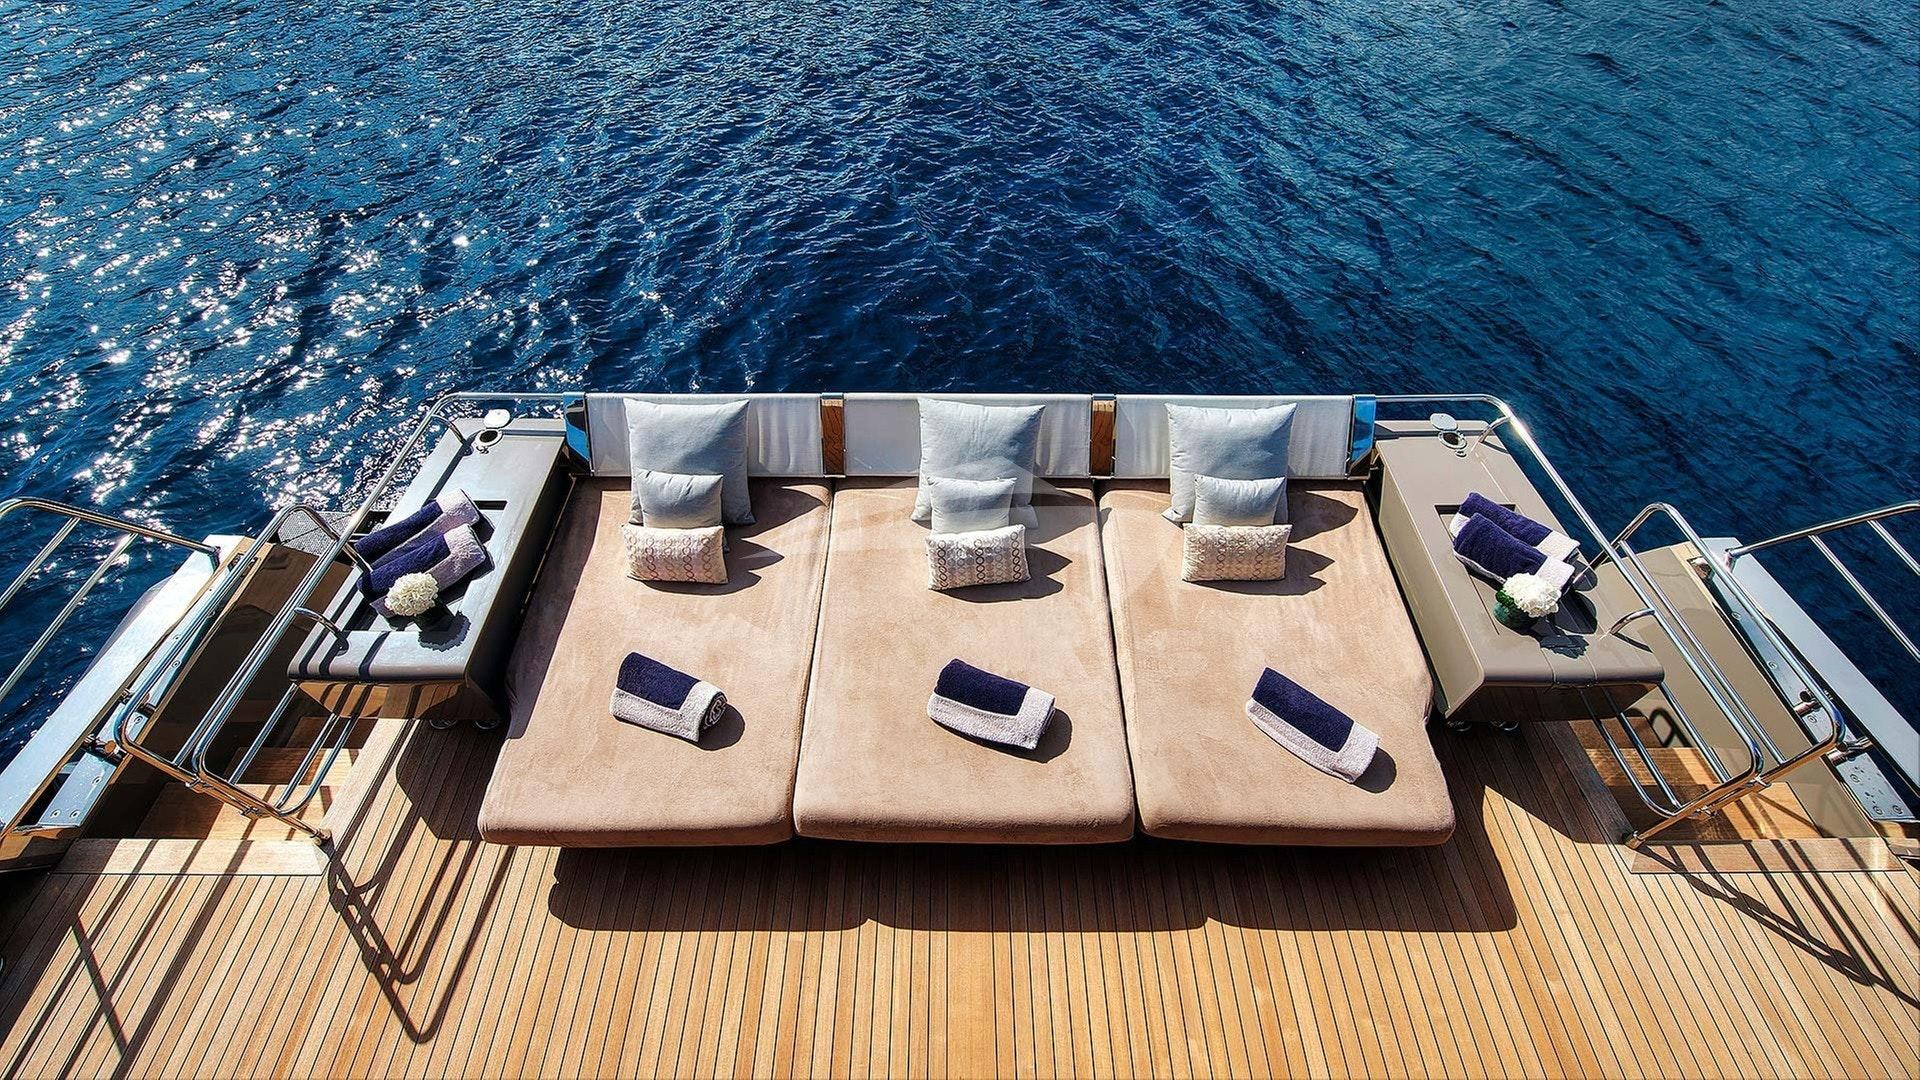 船尾甲板日光浴垫